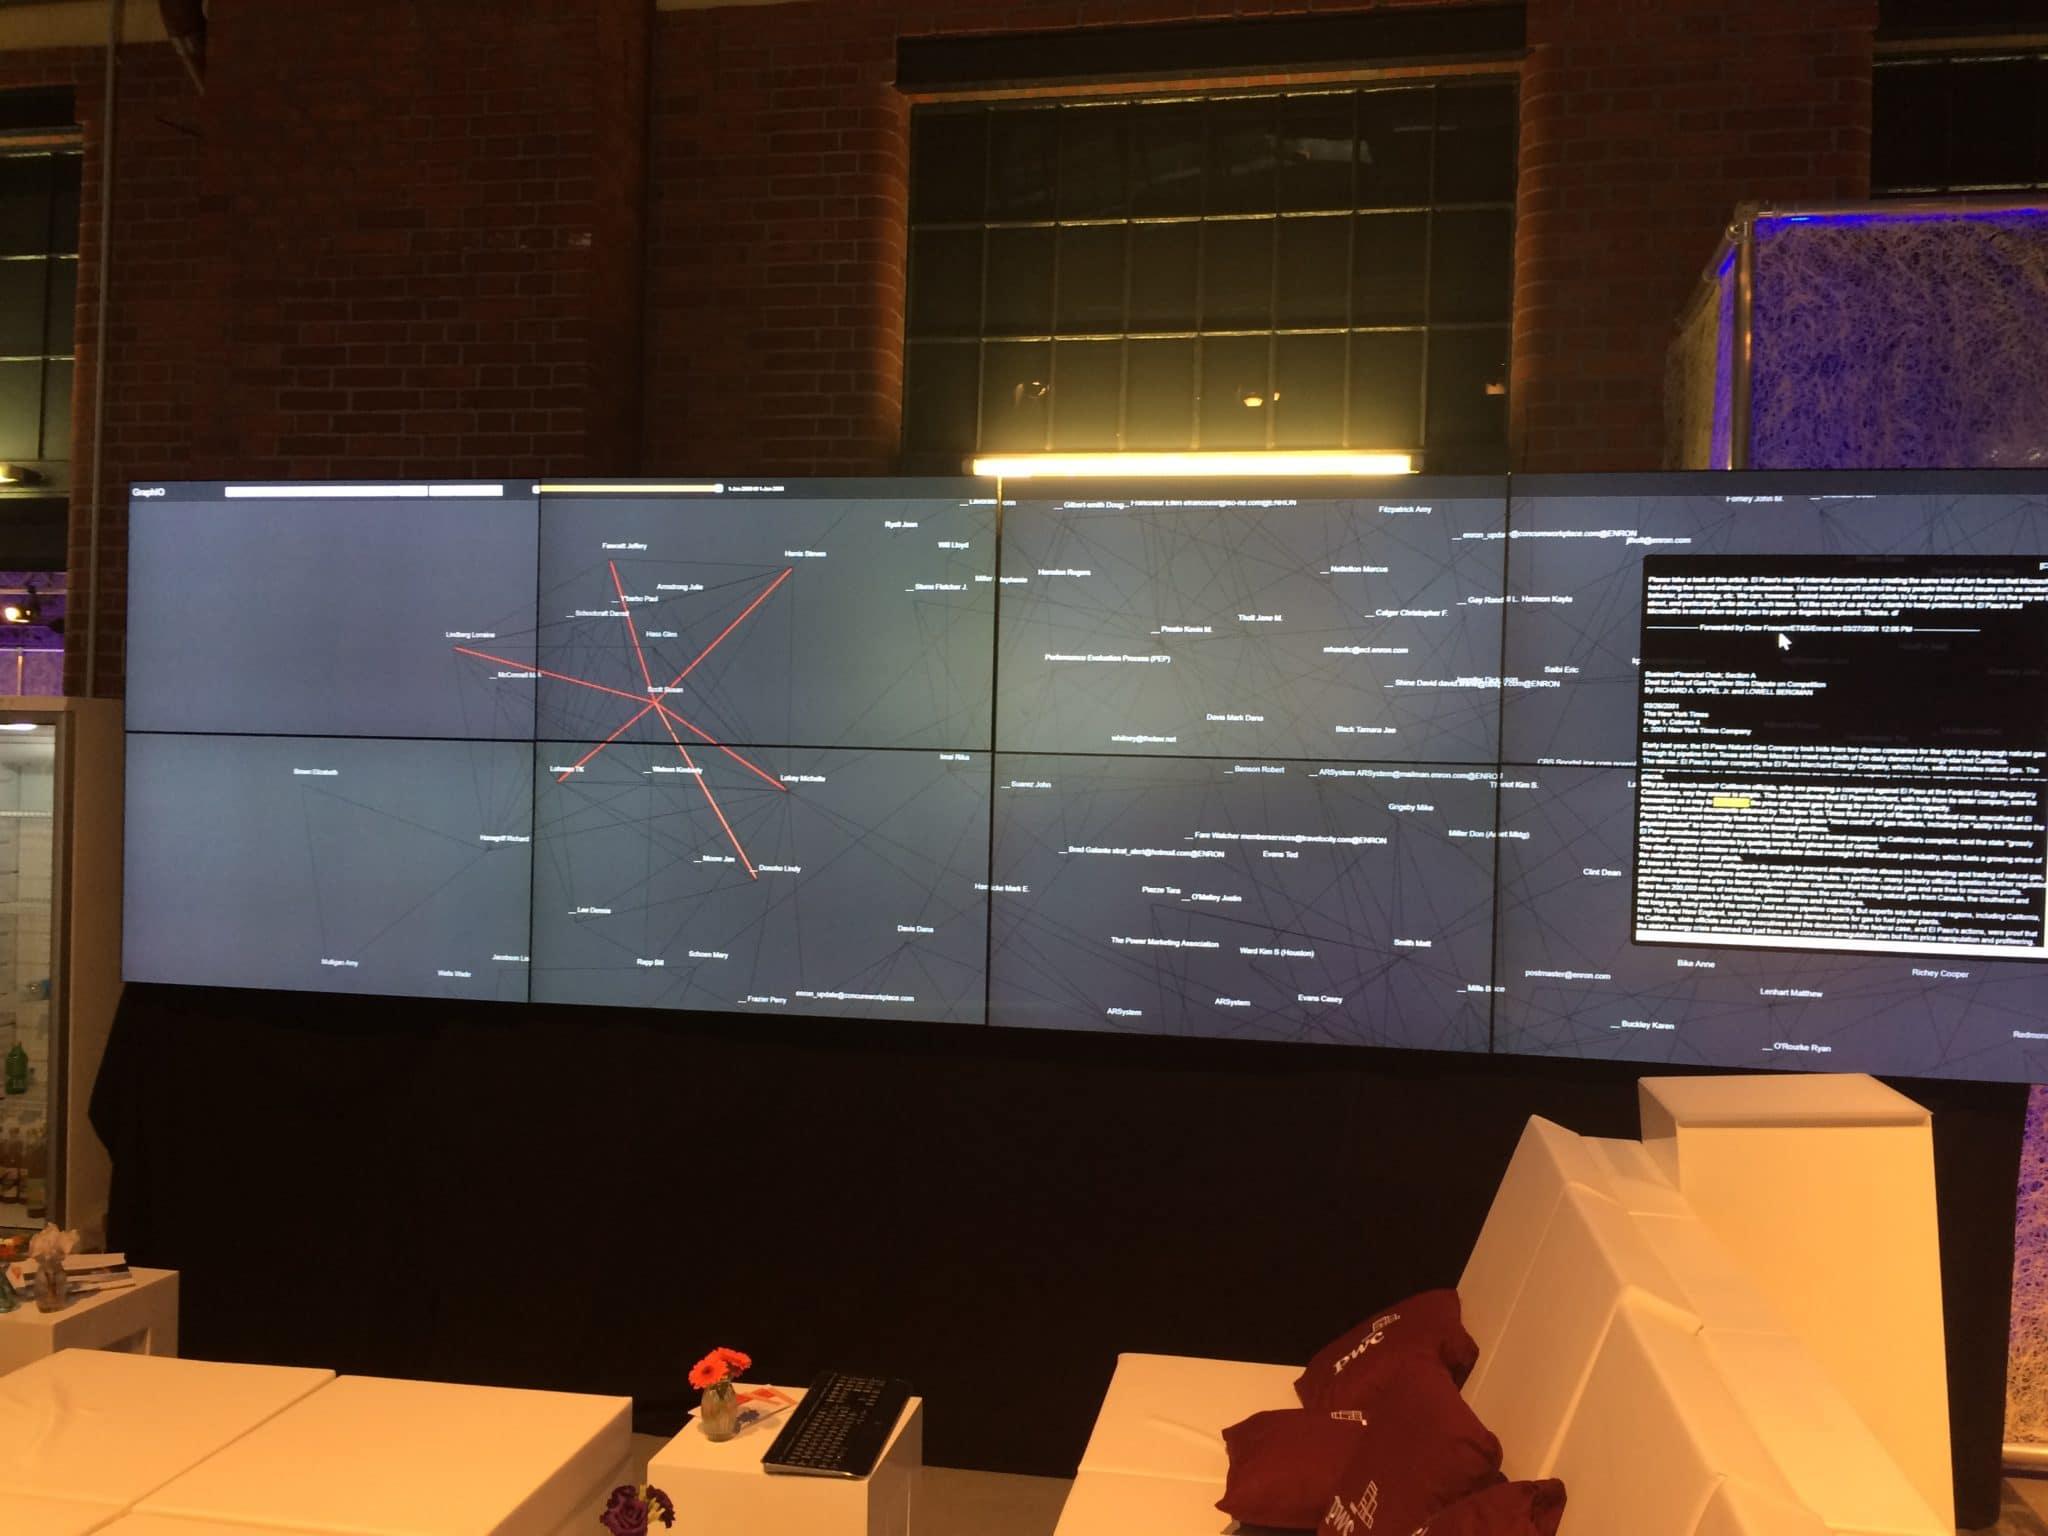 pwc nutzt big data im Rahmen der Wirtschaftsprüfung auf der bitkom hub conference